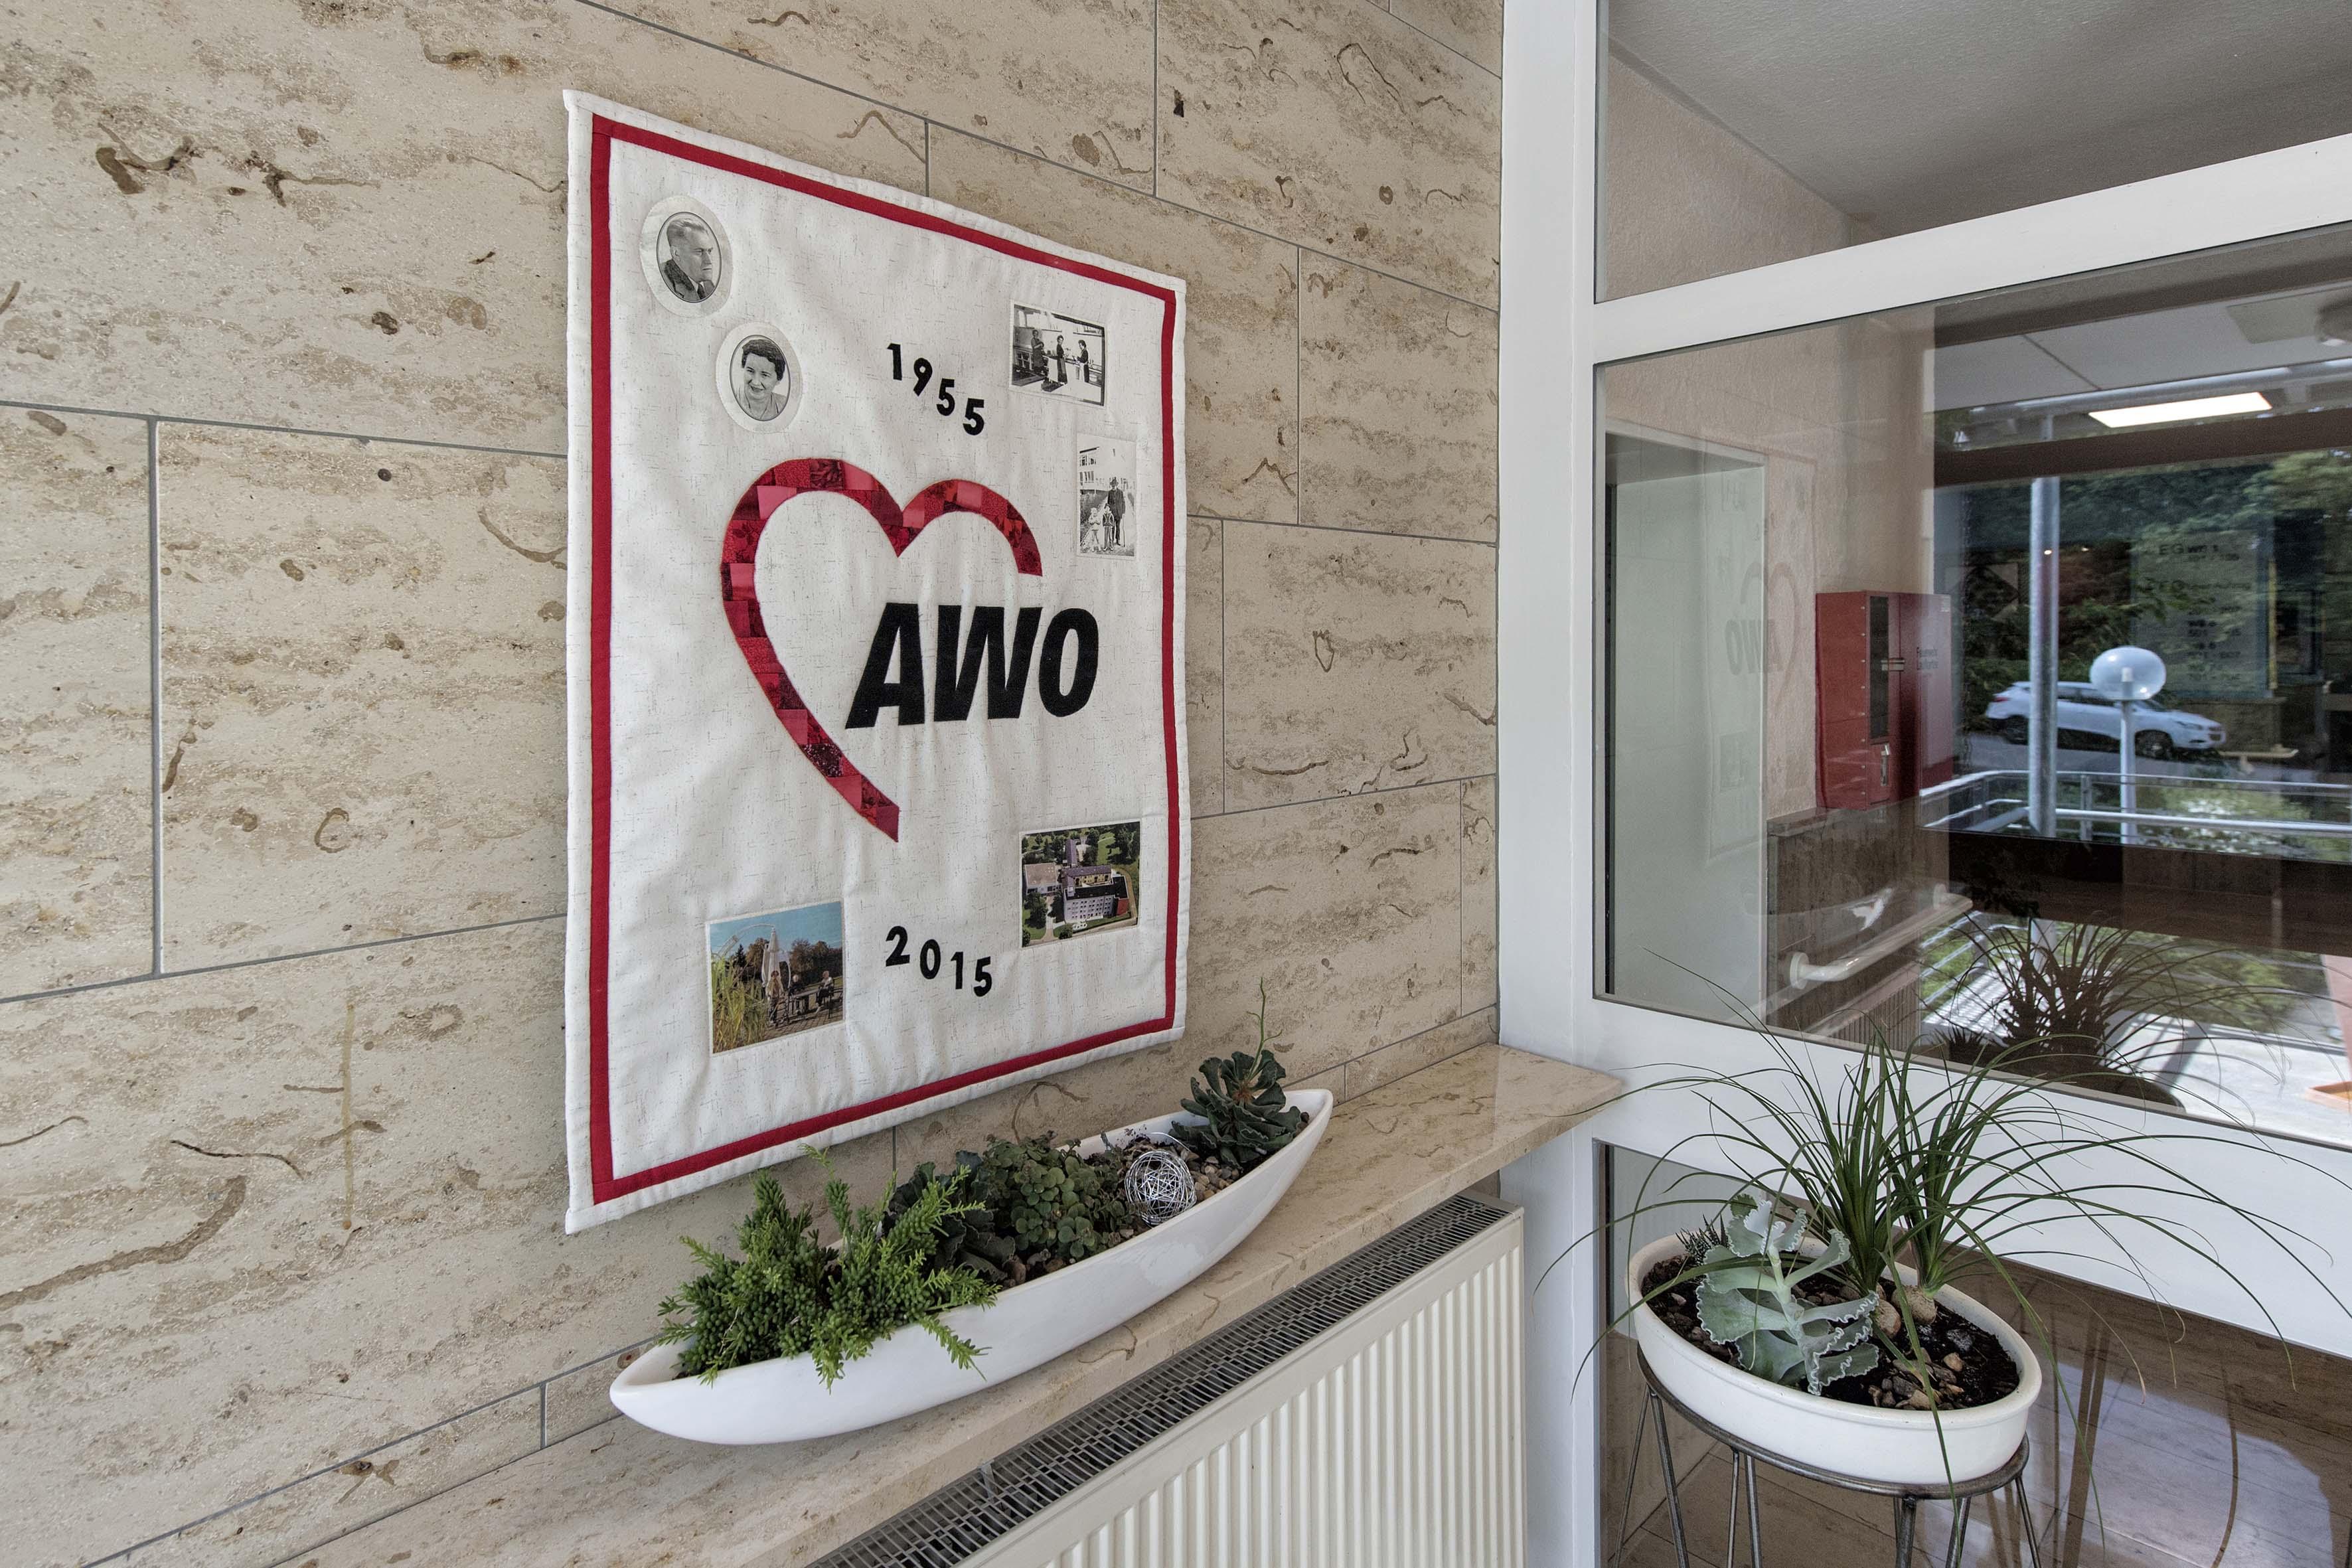 Diese Bild zeigt einen handgefertigten Wandbehang mit AWO-Emblem